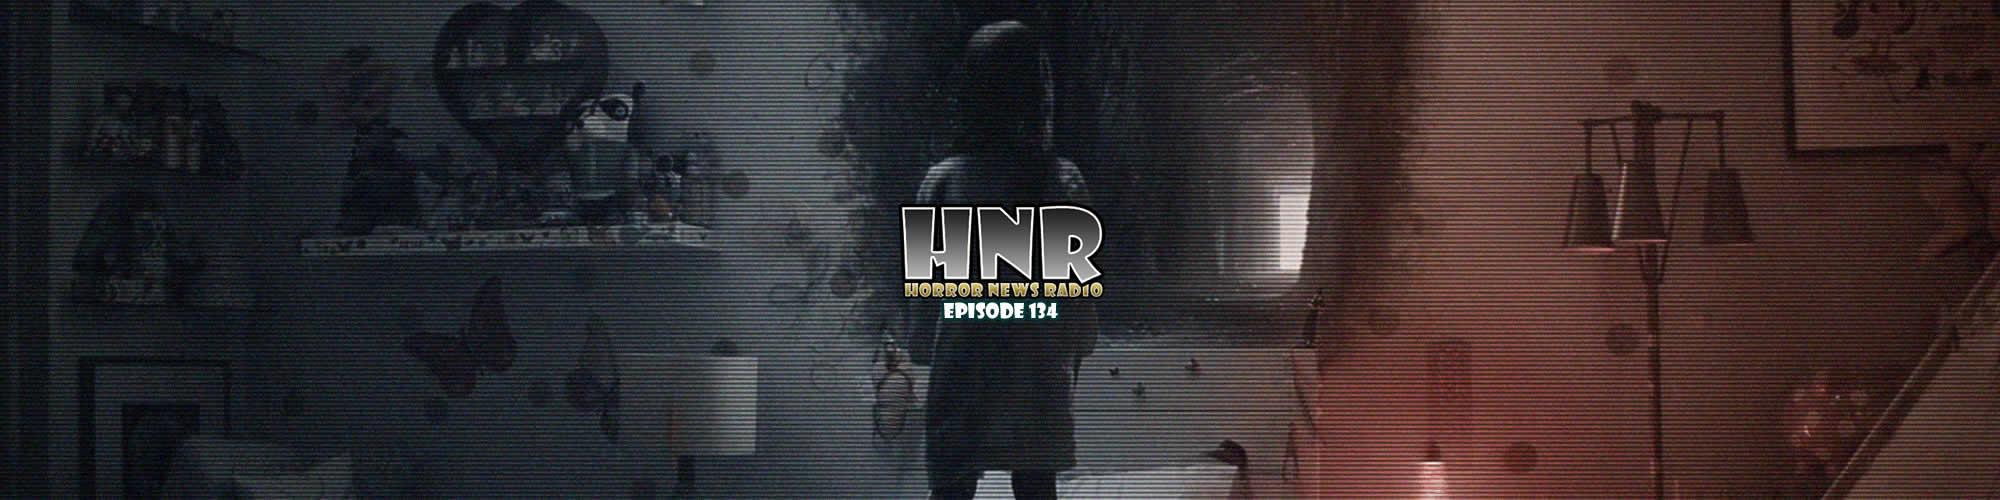 HNRSiteBanner134